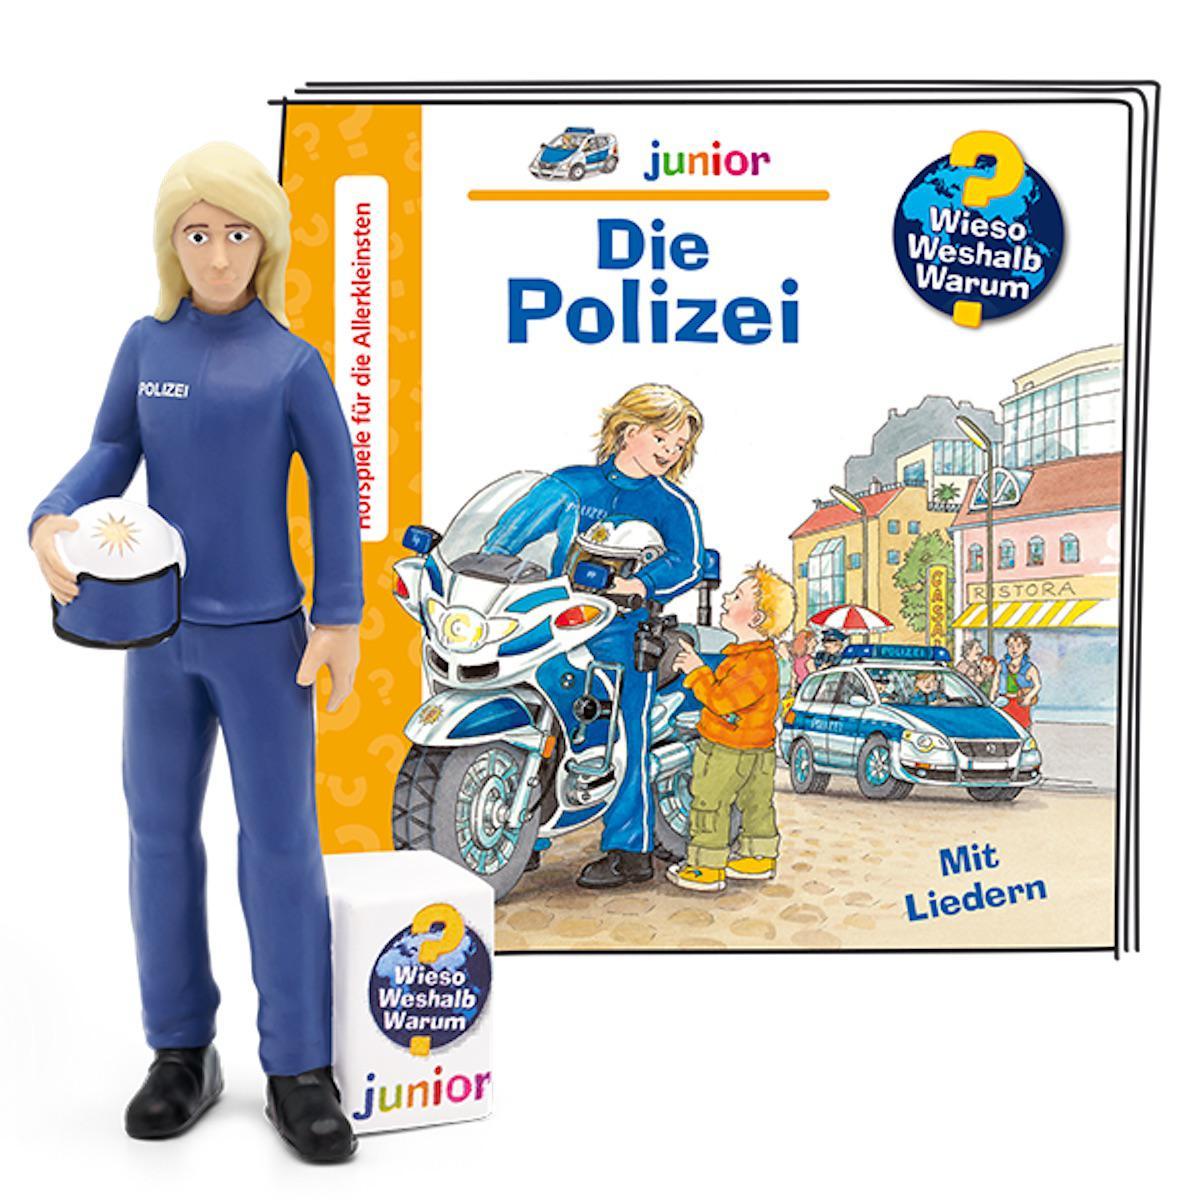 Hörspielfigur Wieso Weshalb Warum- www Junior Polizei